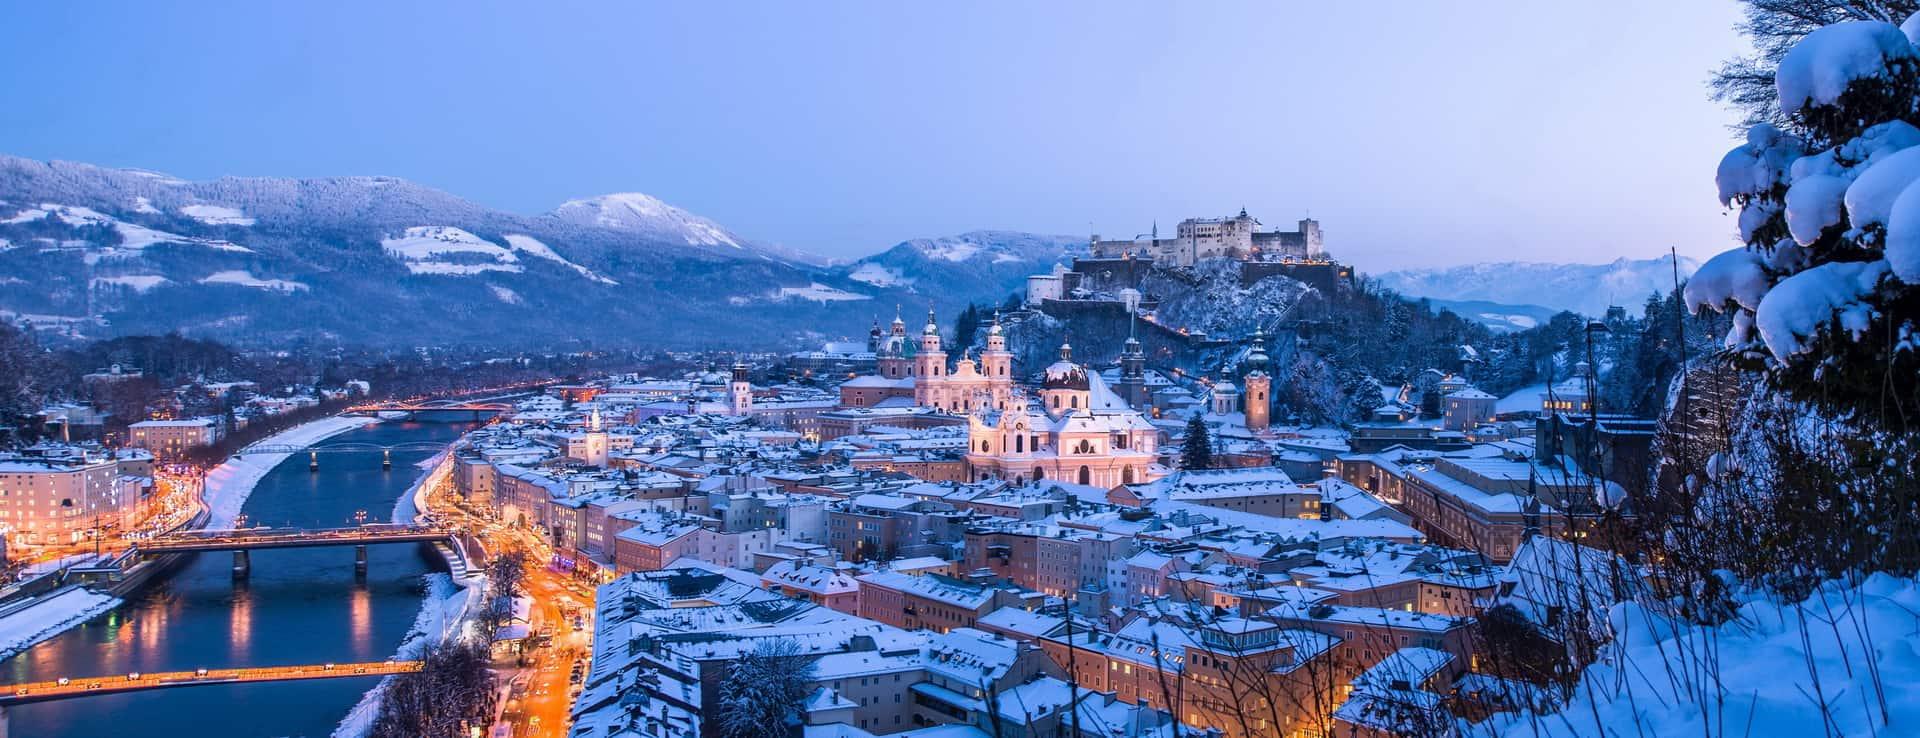 Jul julmarknad Advent adventmarknad Vinter Salzburg semester vintersemester Österrike fästning Hohensalzburg